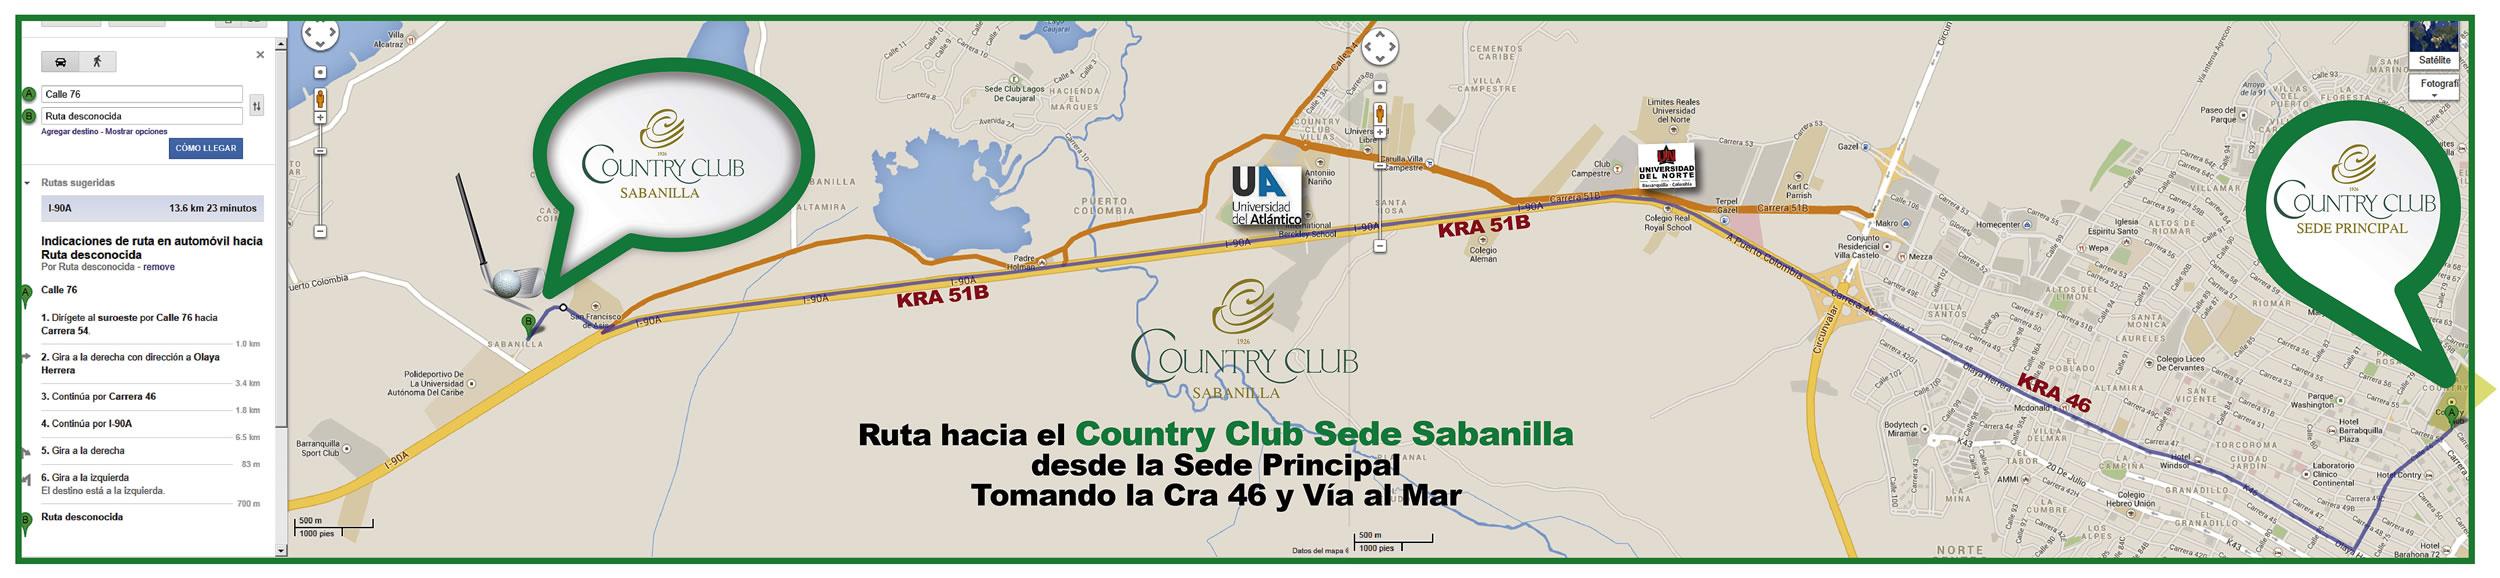 Ruta a Sede Sabanilla tomando la 46 desde la Sede Principal